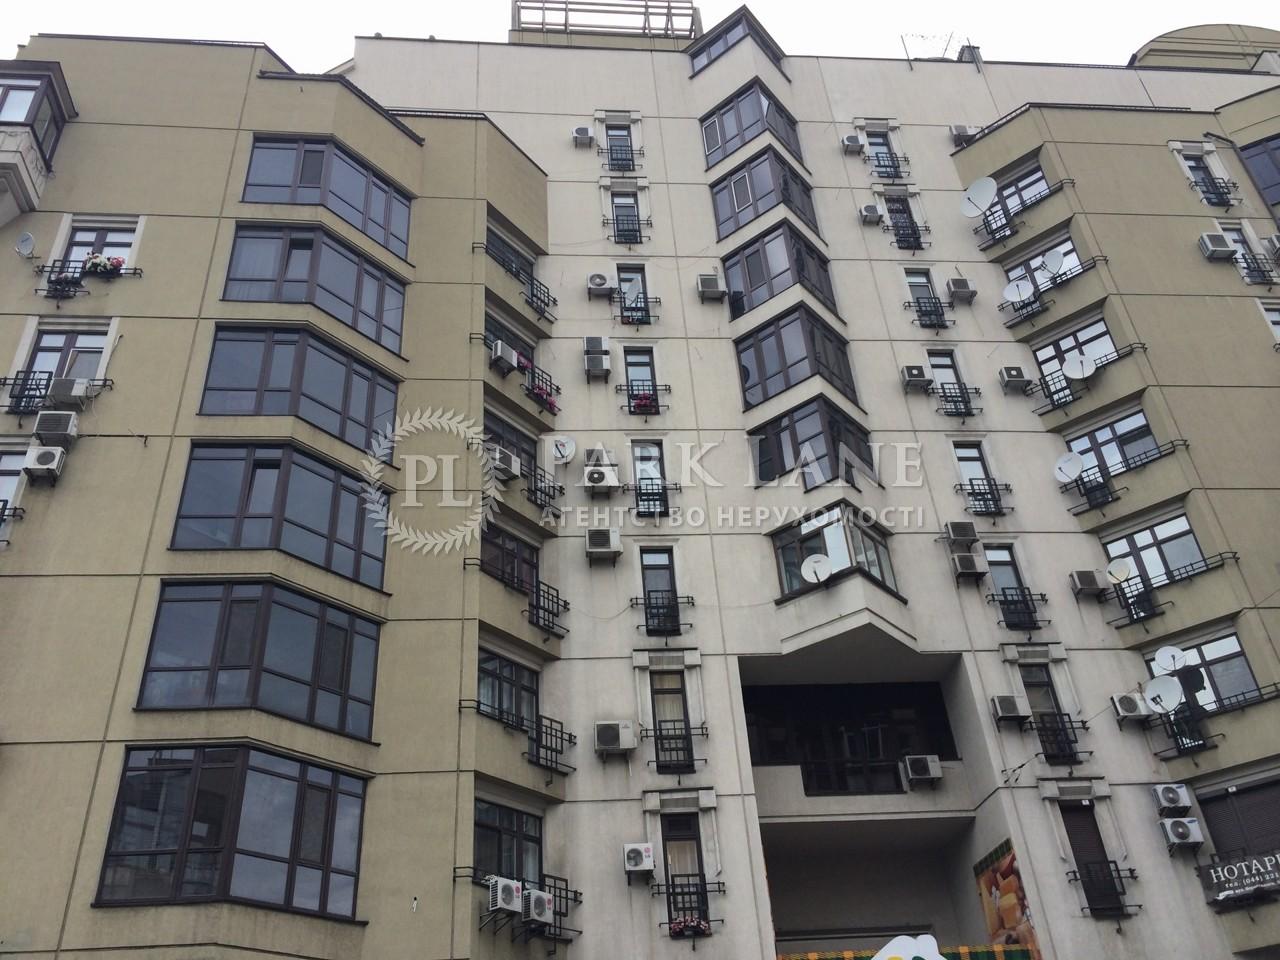 Квартира вул. Бульварно-Кудрявська (Воровського), 36, Київ, R-12877 - Фото 11